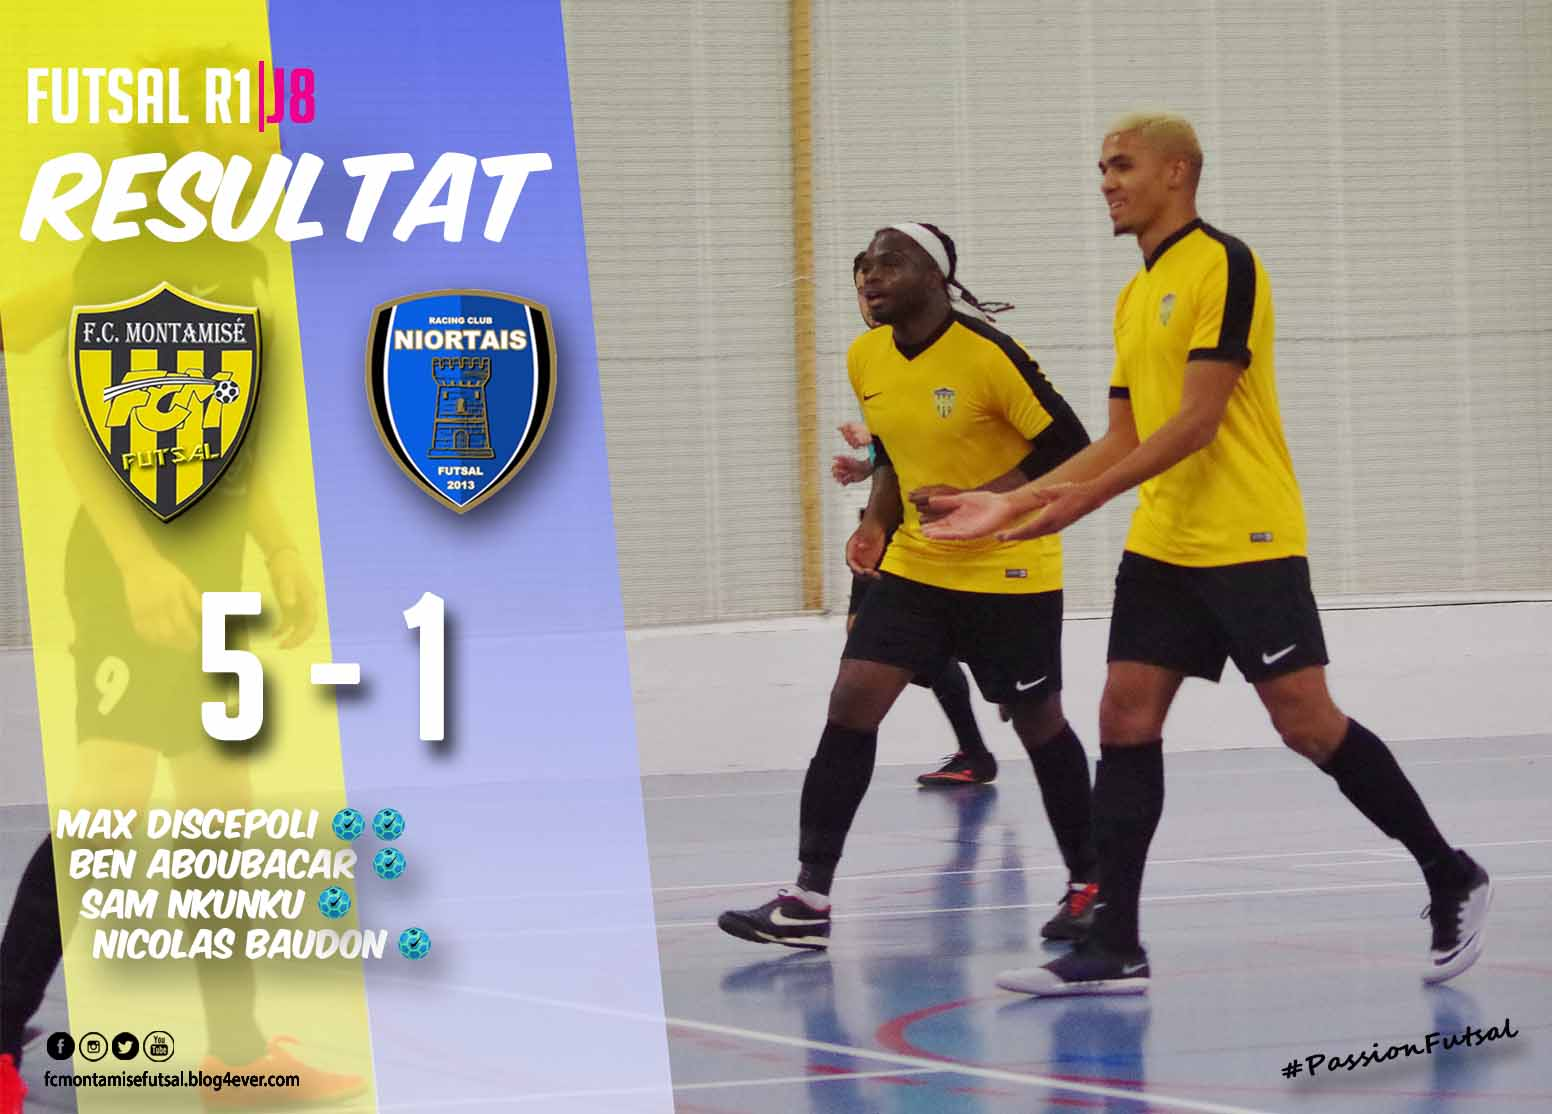 Résultat J8 FC Montamisé Futsal - RC Niortais light.jpg